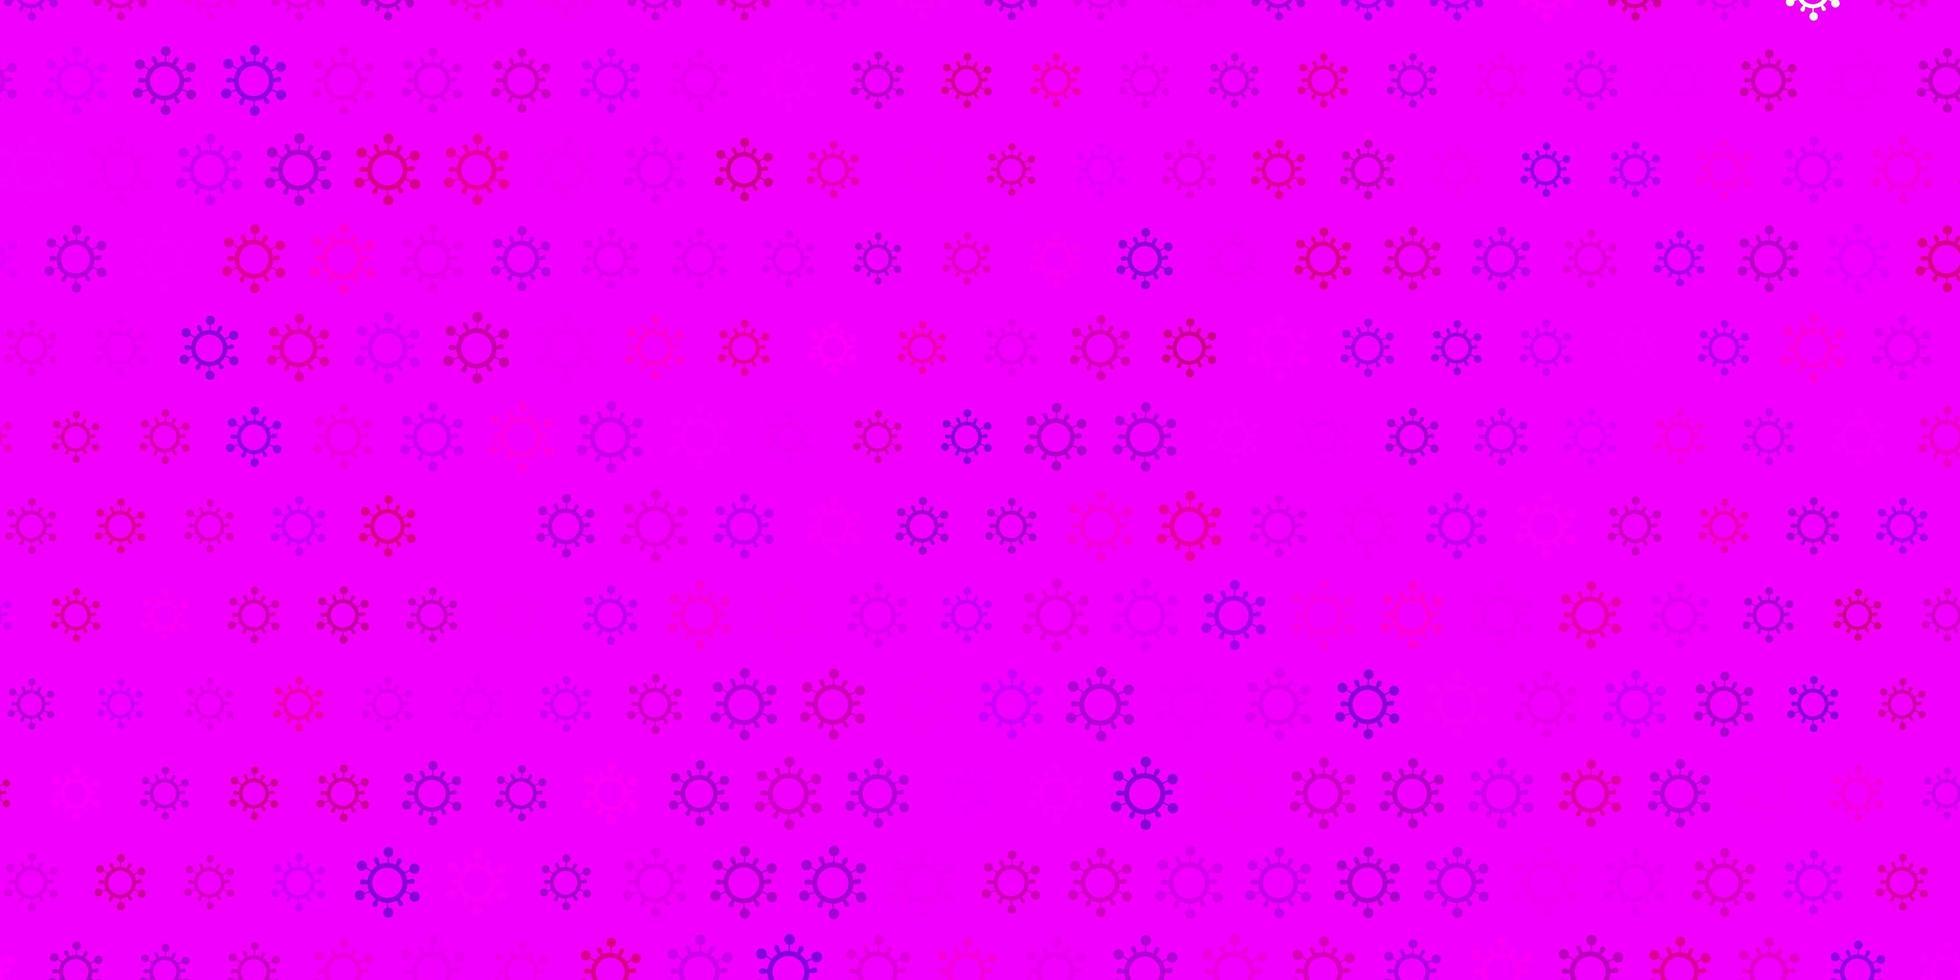 modello vettoriale rosa scuro con elementi di coronavirus.